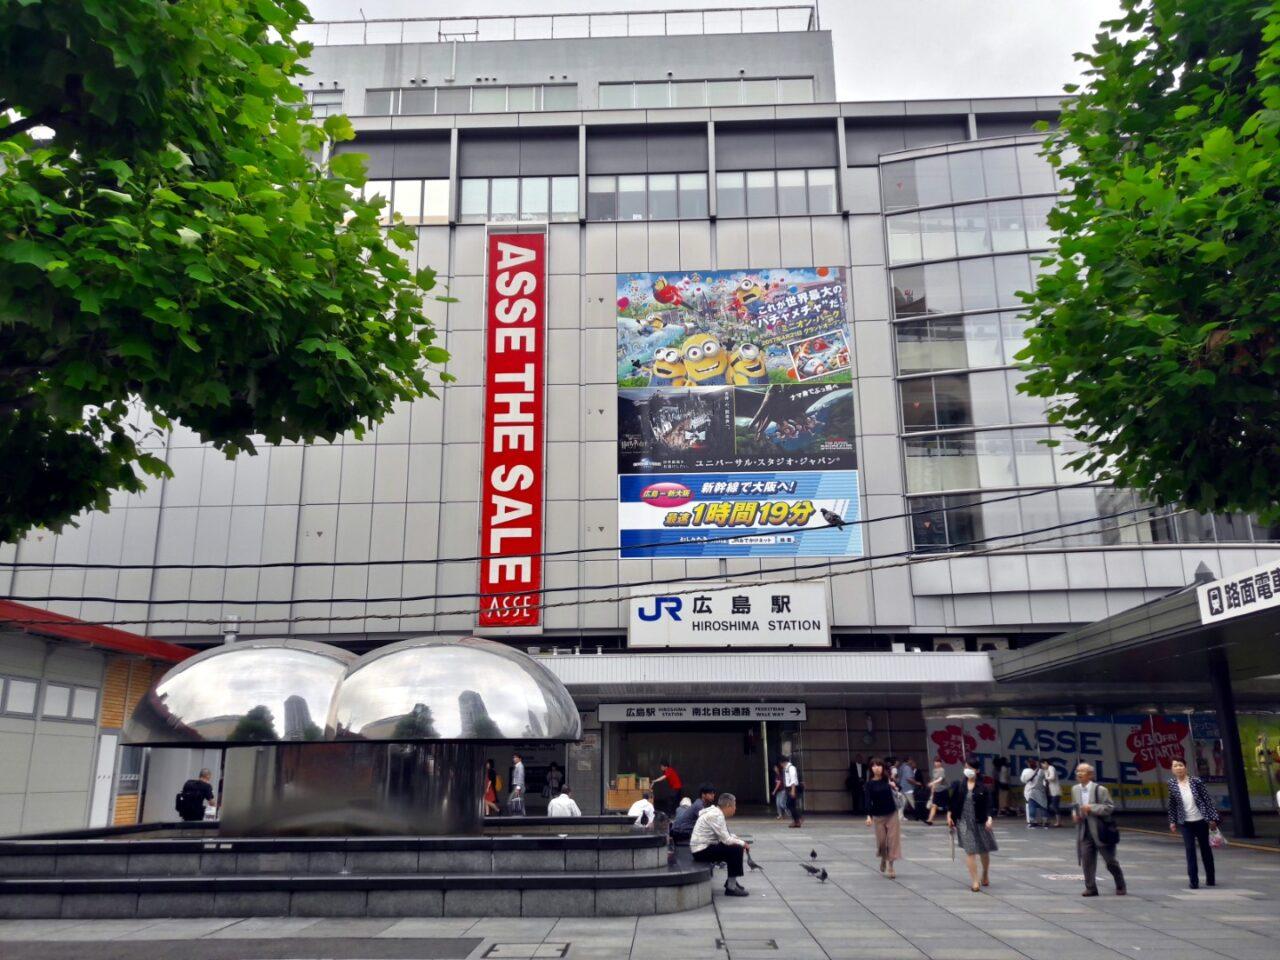 statie tren hiroshima japonia